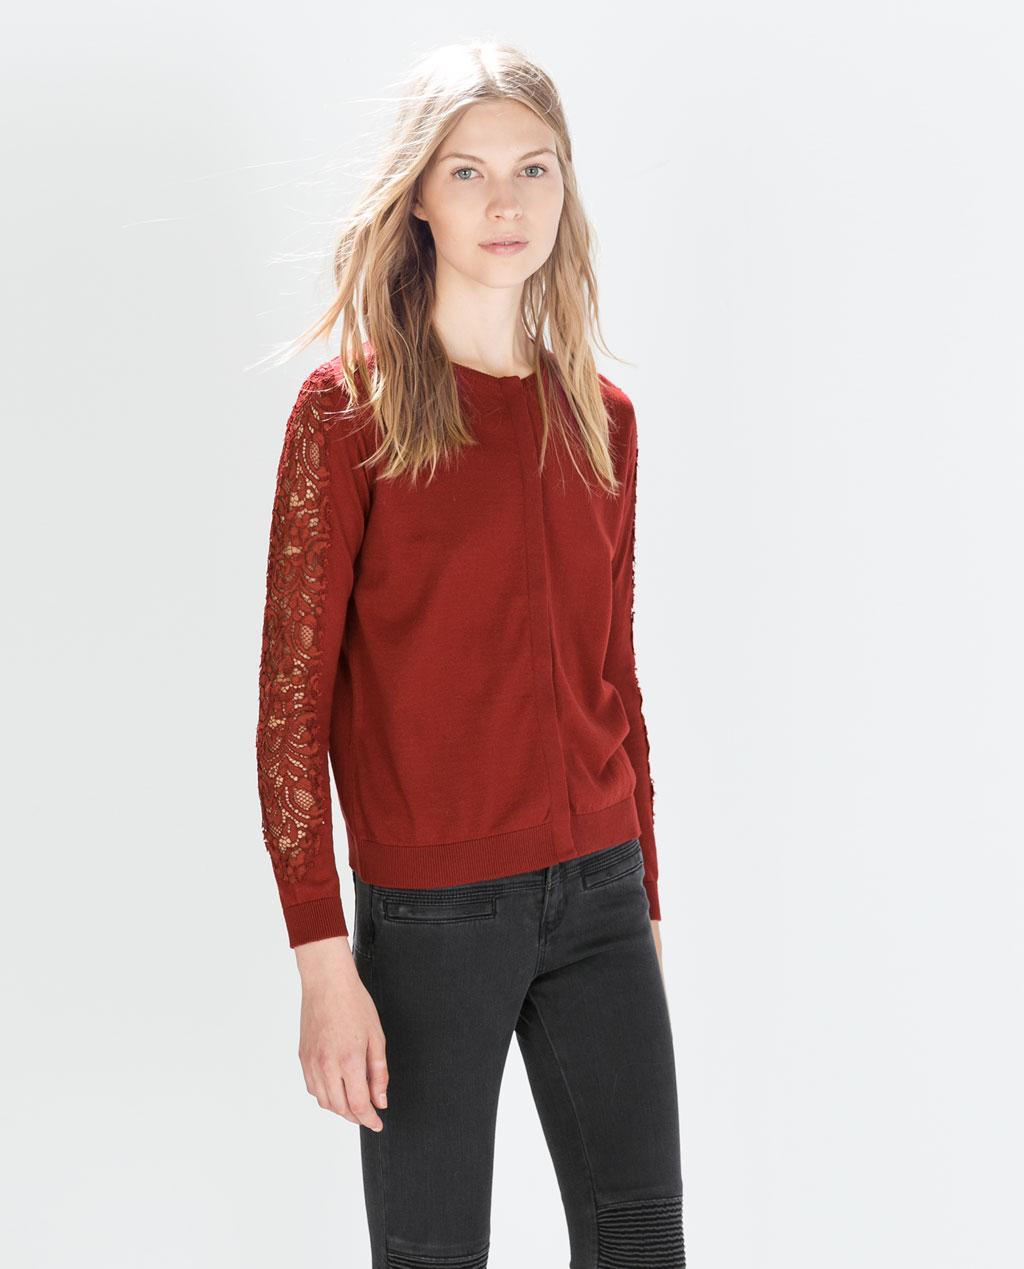 http://www.zara.com/uk/en/woman/knitwear/cardigans/lace-jacket-c498027p2119524.html